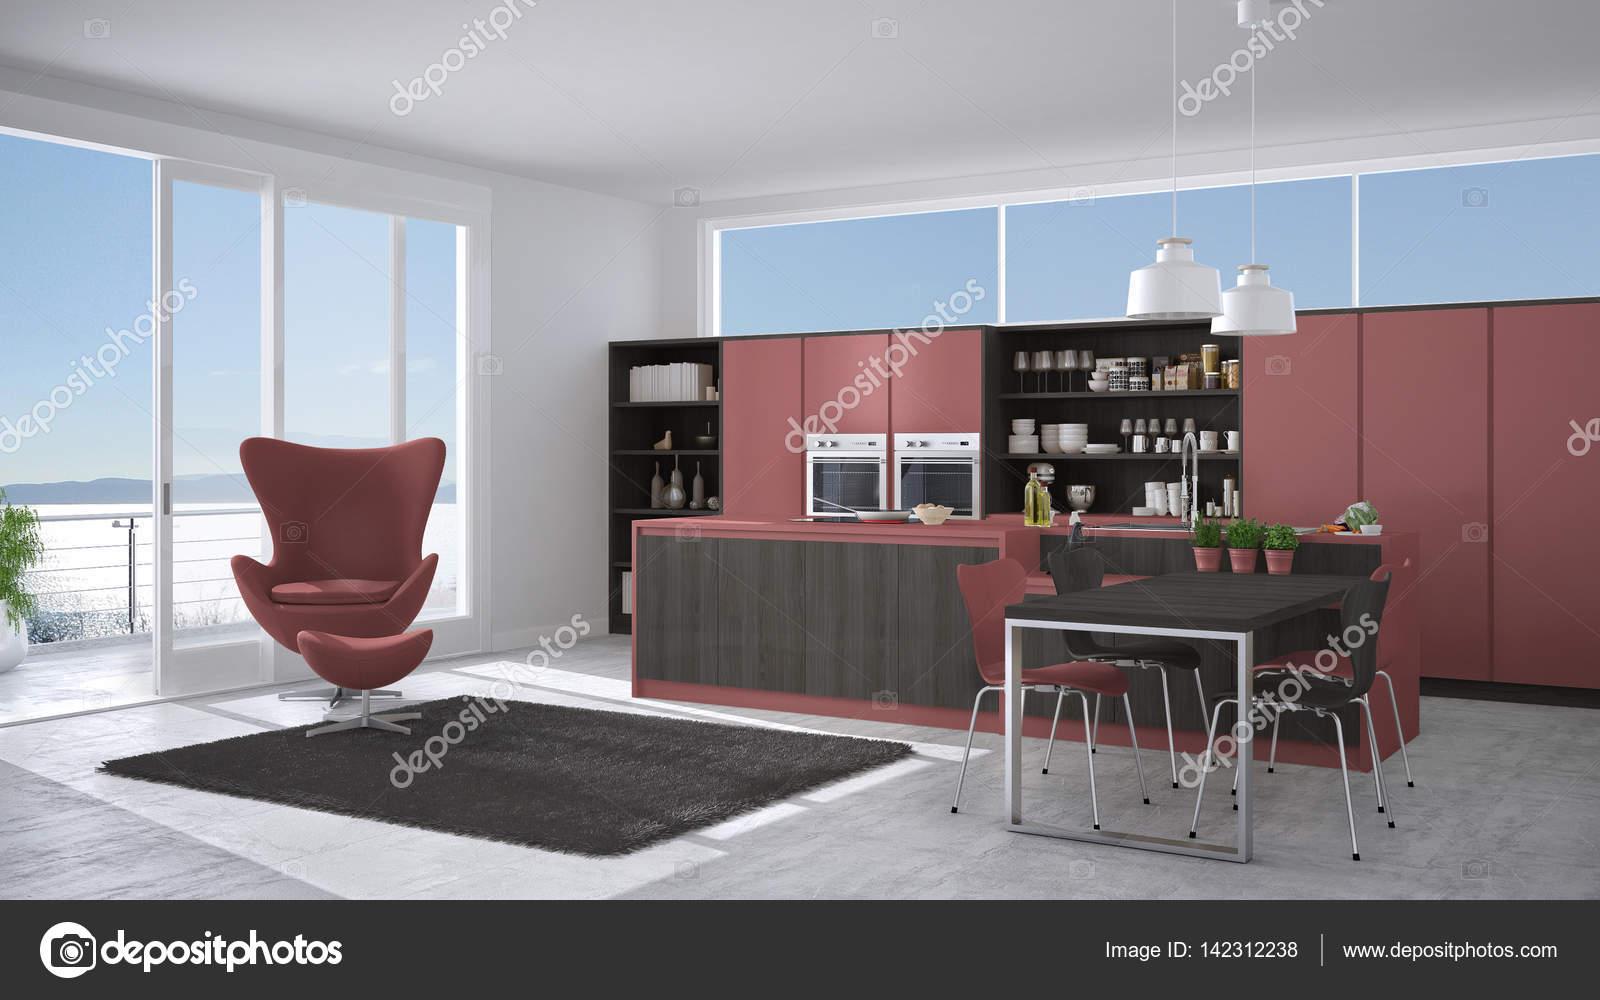 Cinza E Vermelha Cozinha Moderna Com Detalhes Em Madeira Janela